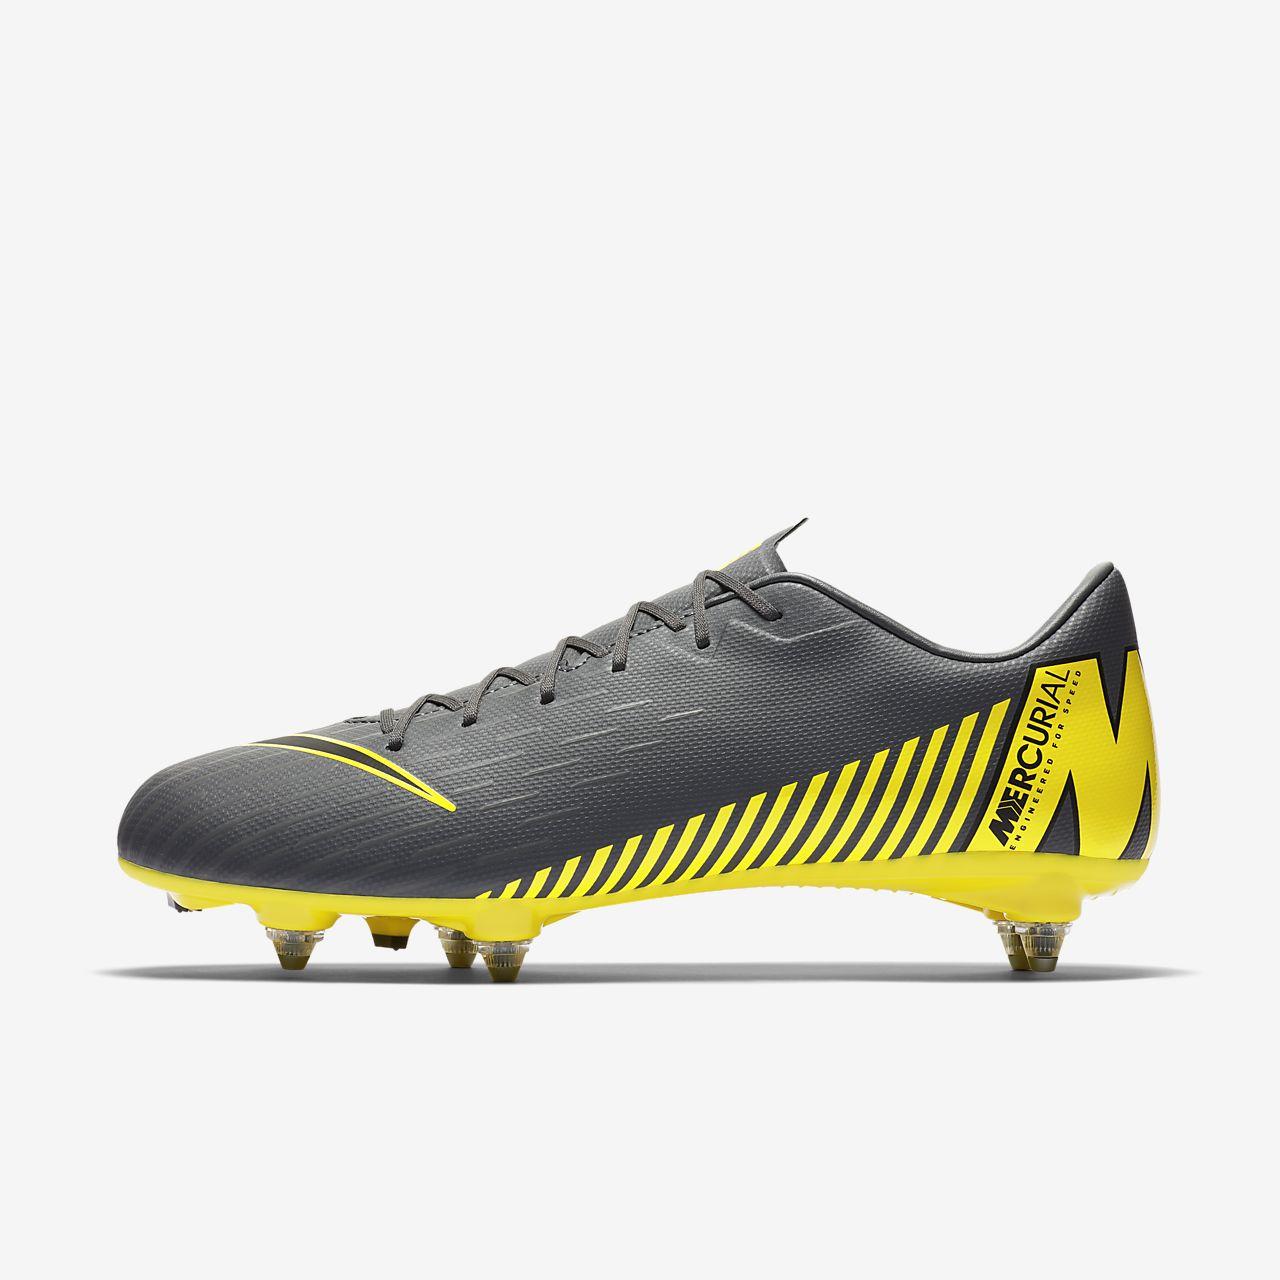 Scarpa da calcio per terreni morbidi Nike Mercurial Vapor XII Academy SG-PRO